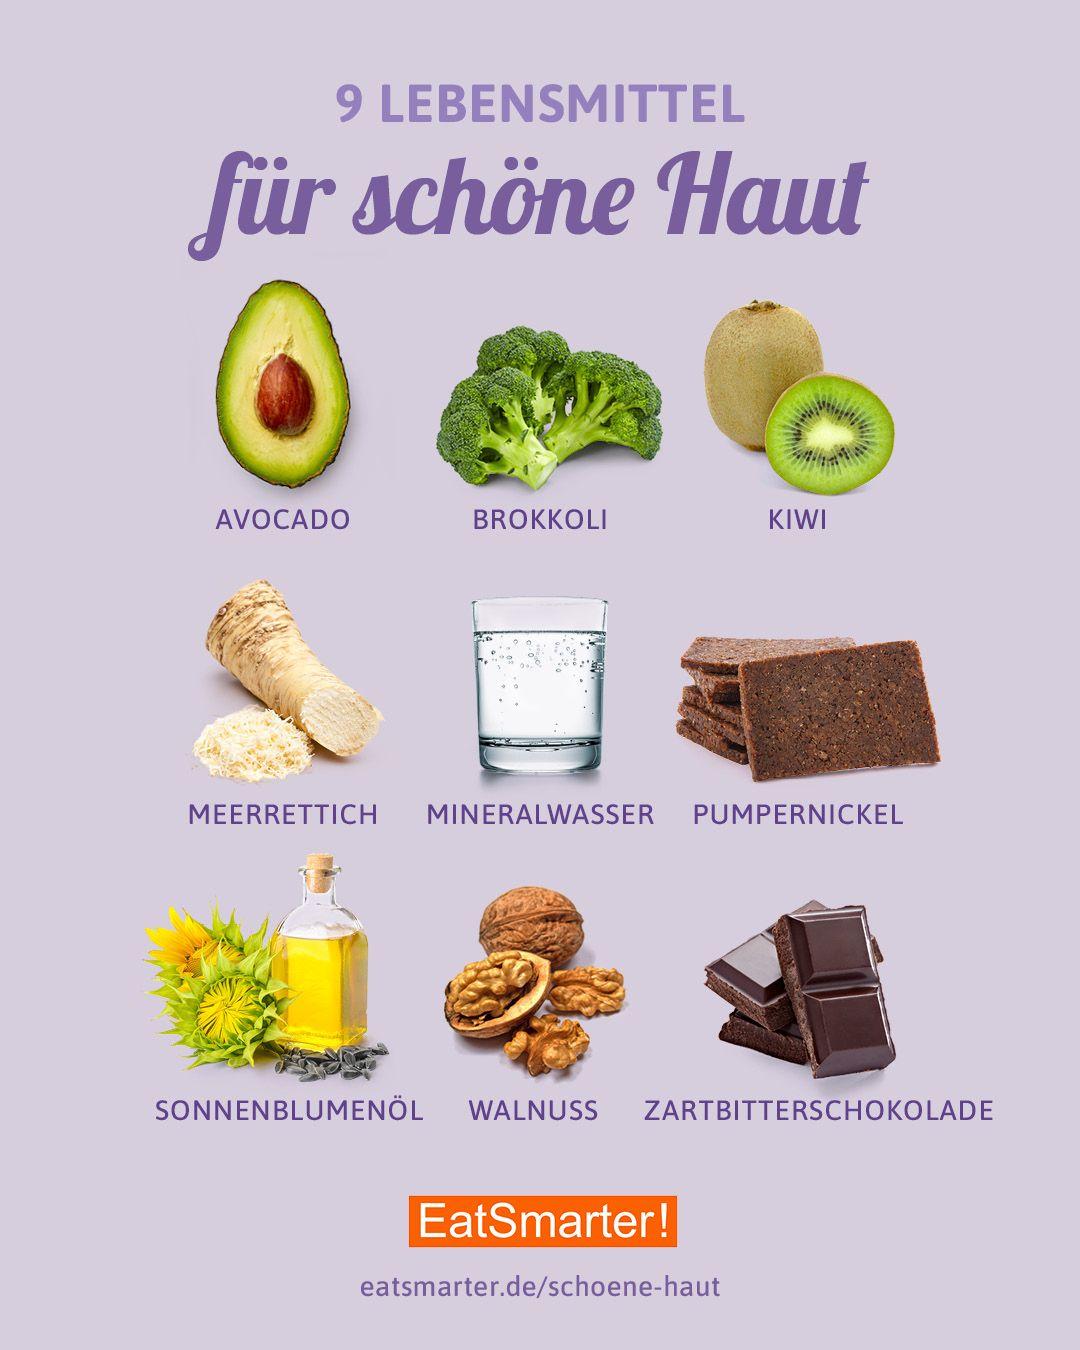 Lebensmittel für schöne Haut #nutritionhealthyeating